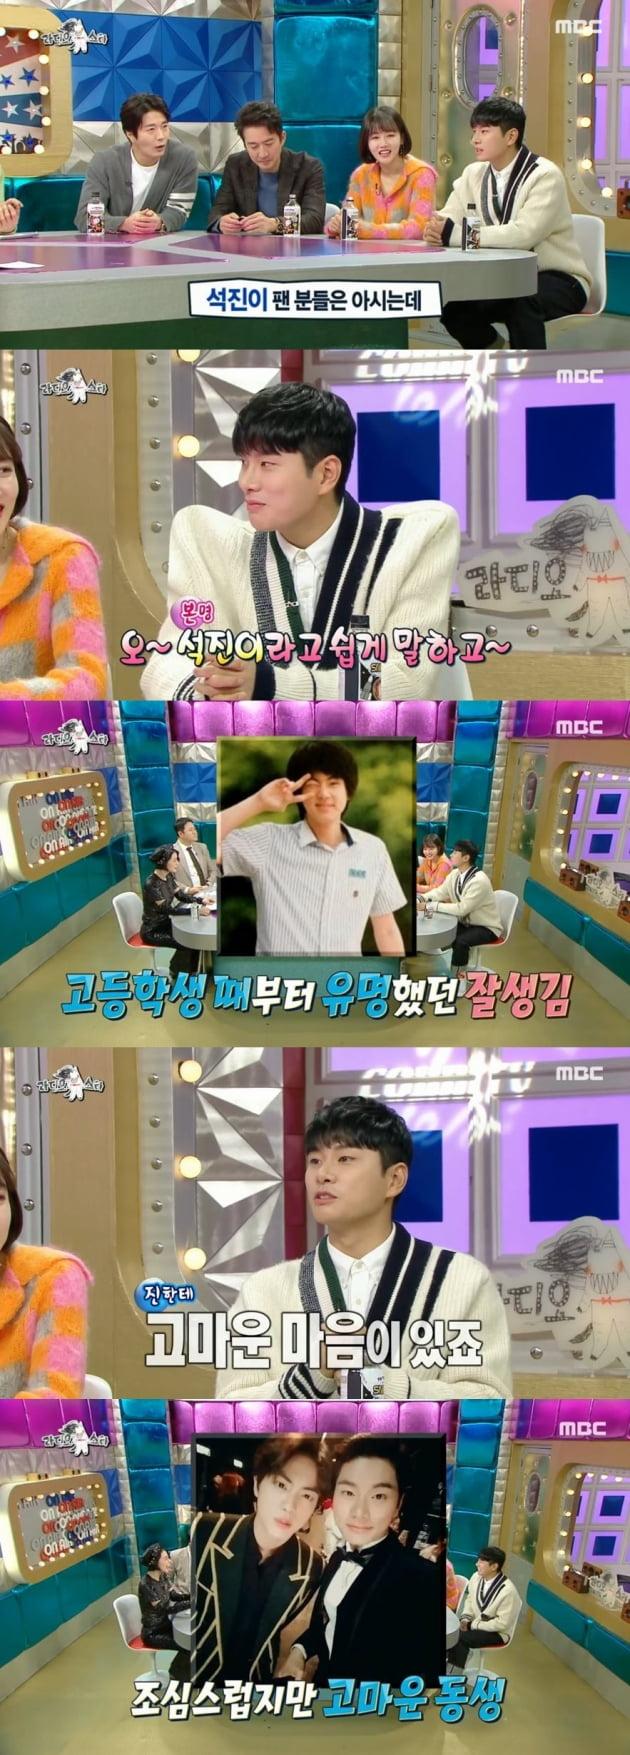 '라디오스타' 이이경, 방탄소년단 진 언급 /사진=MBC 방송화면 캡처